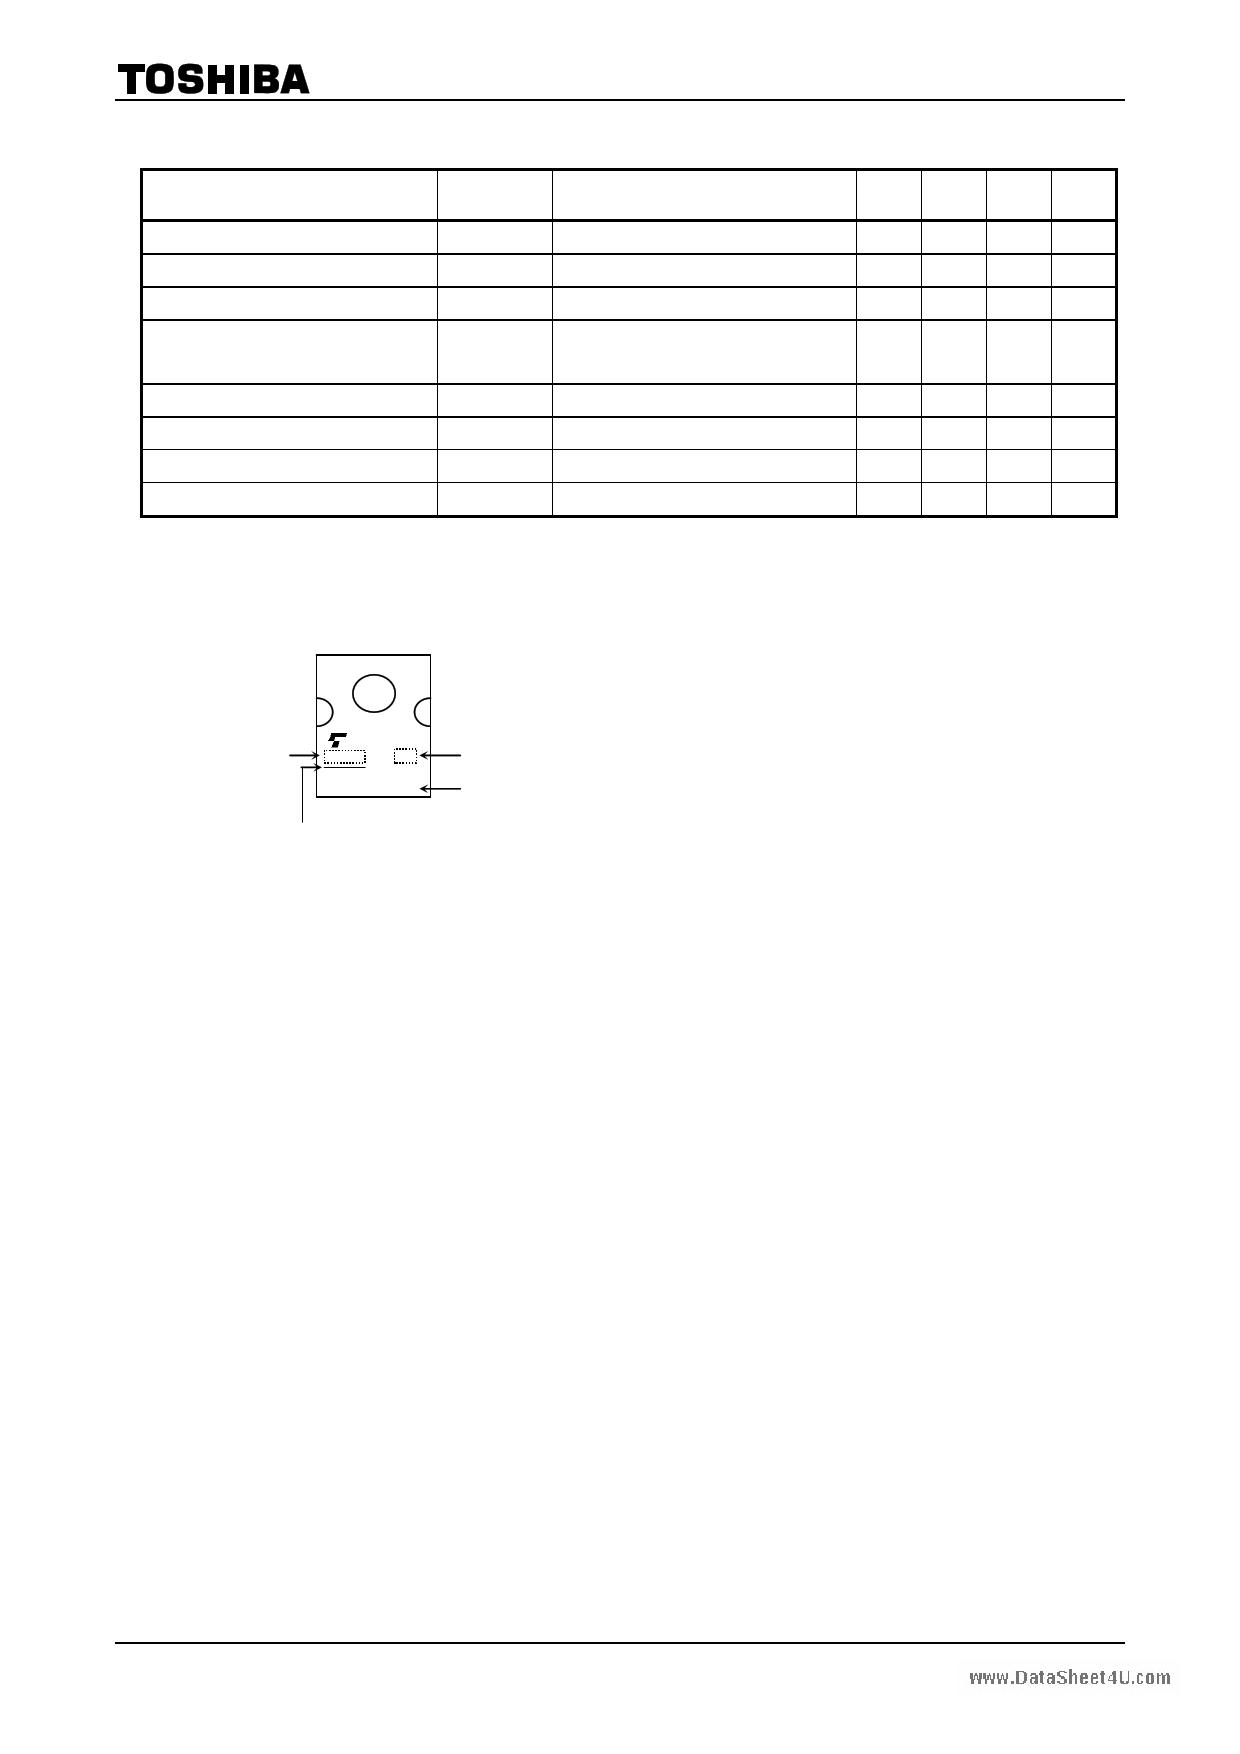 C3421 pdf pinout